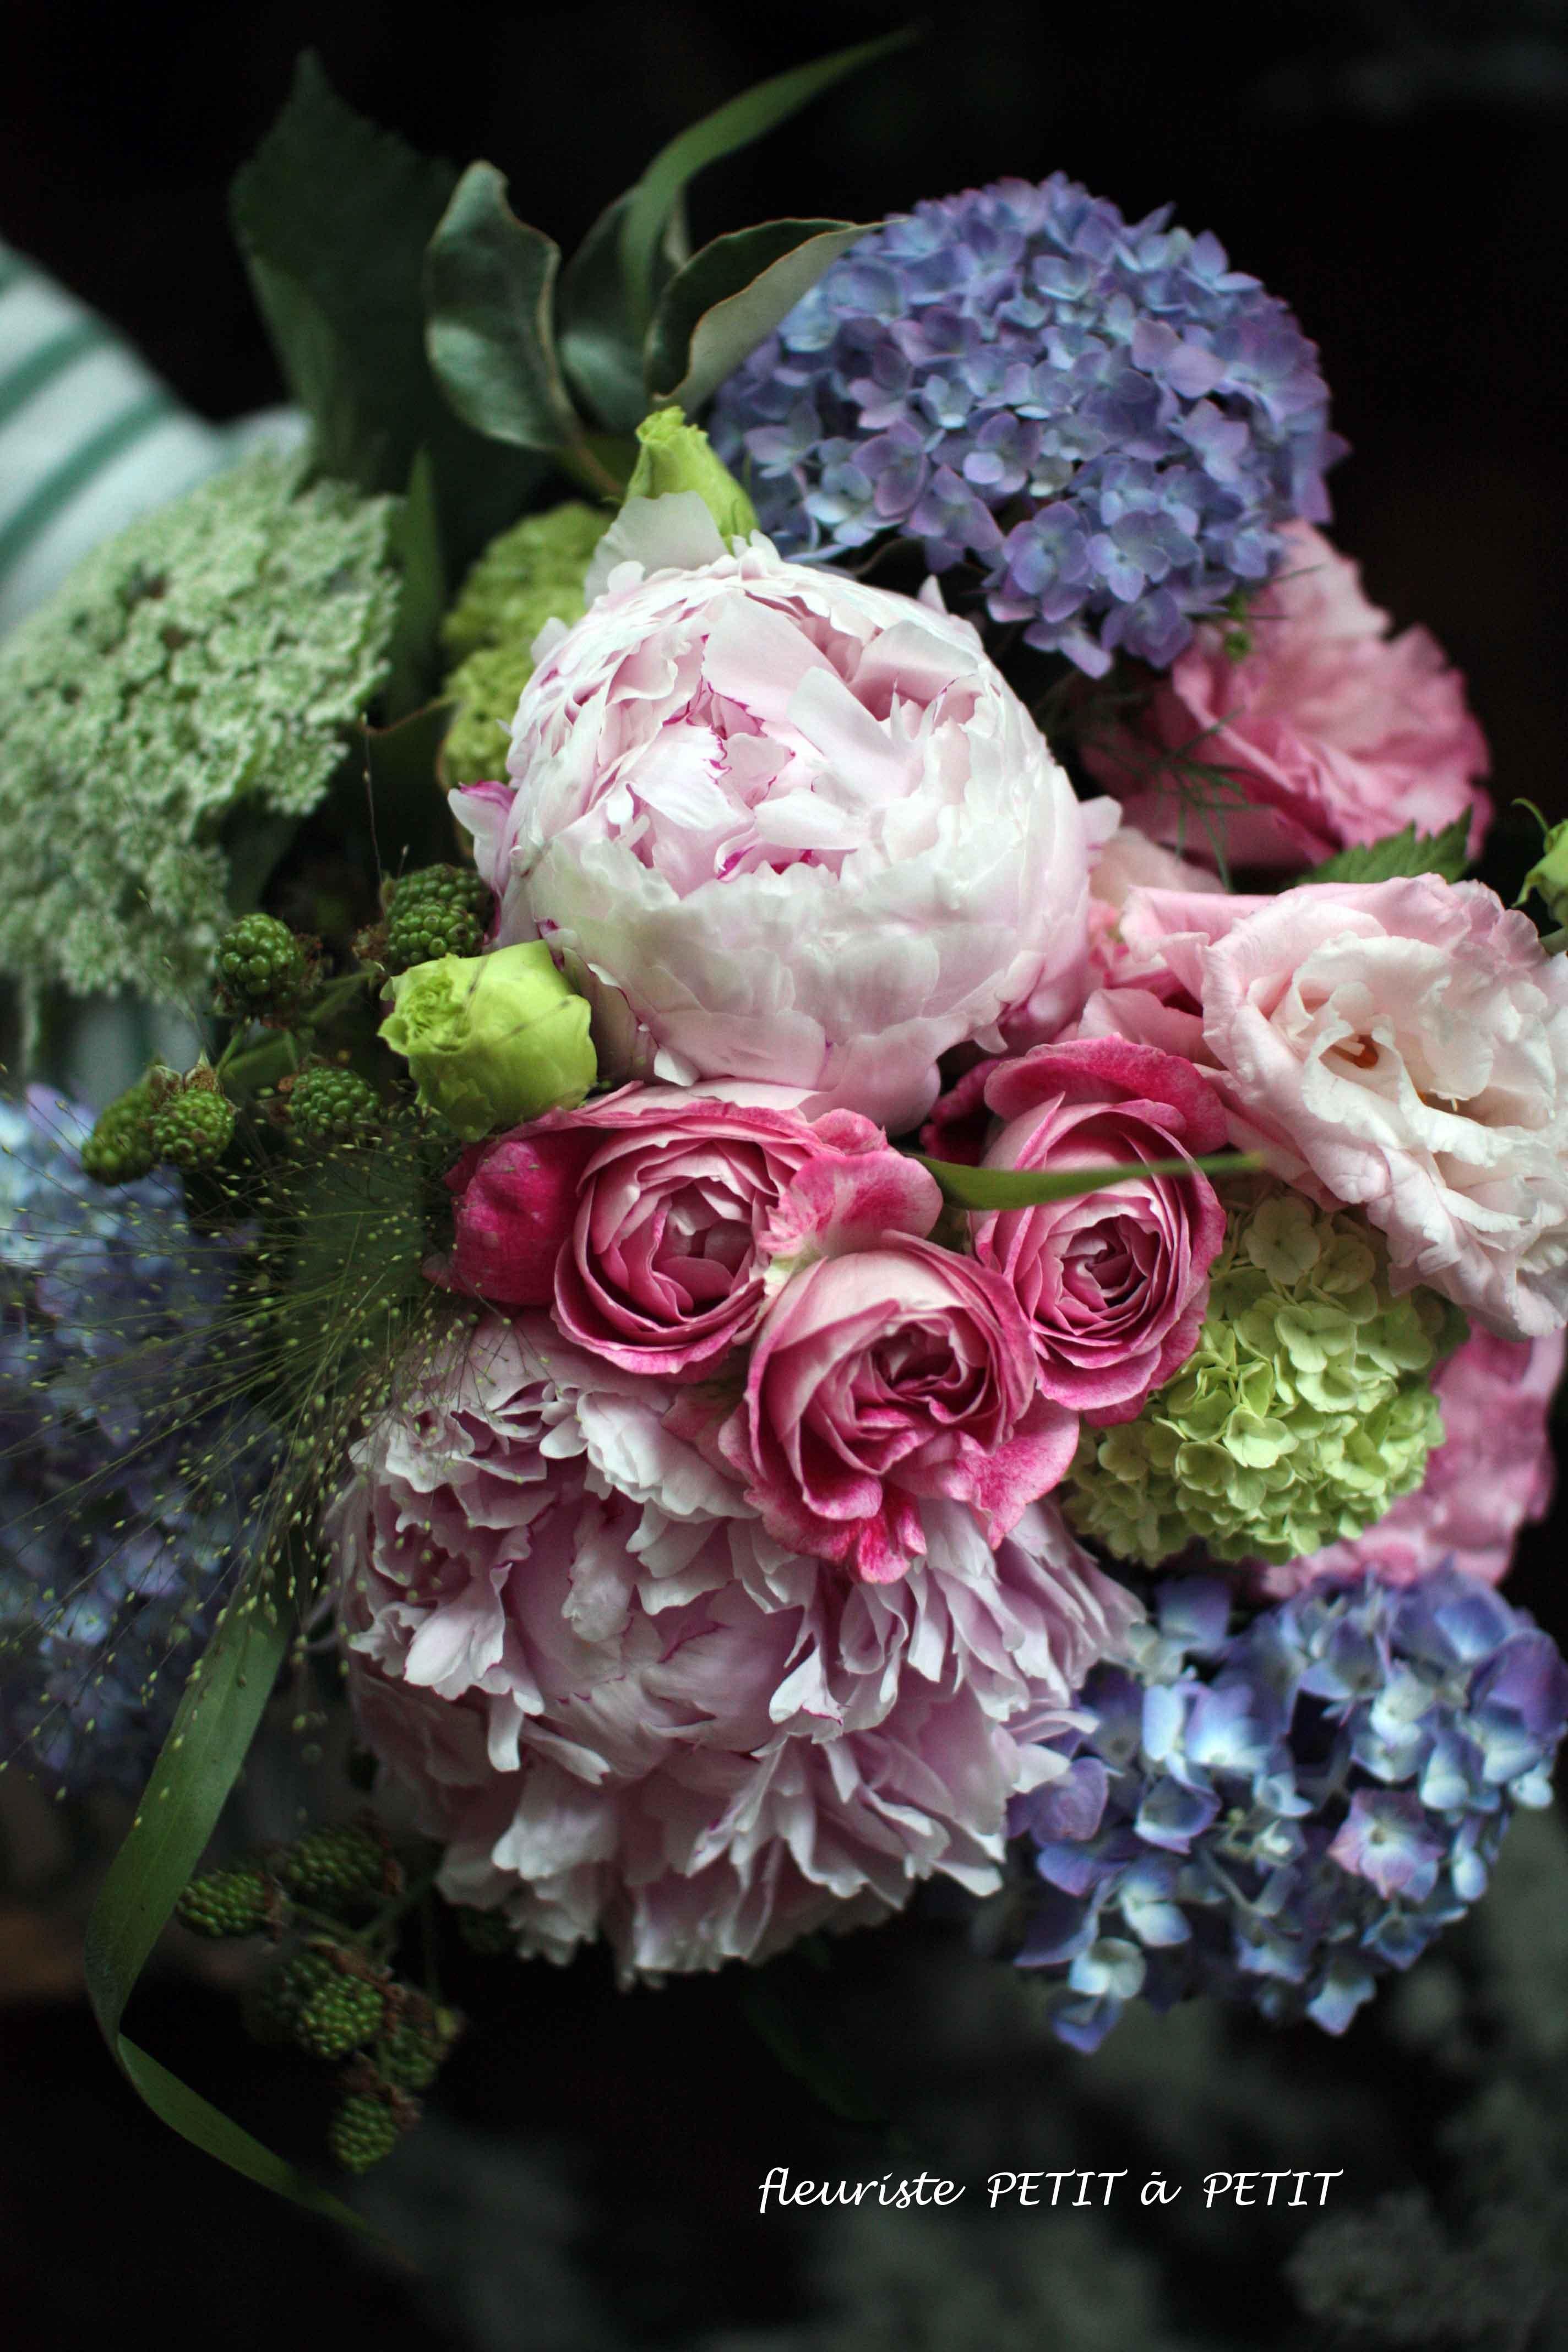 Lecon des fleurs de saison(季節の花レッスン定期便)※初回